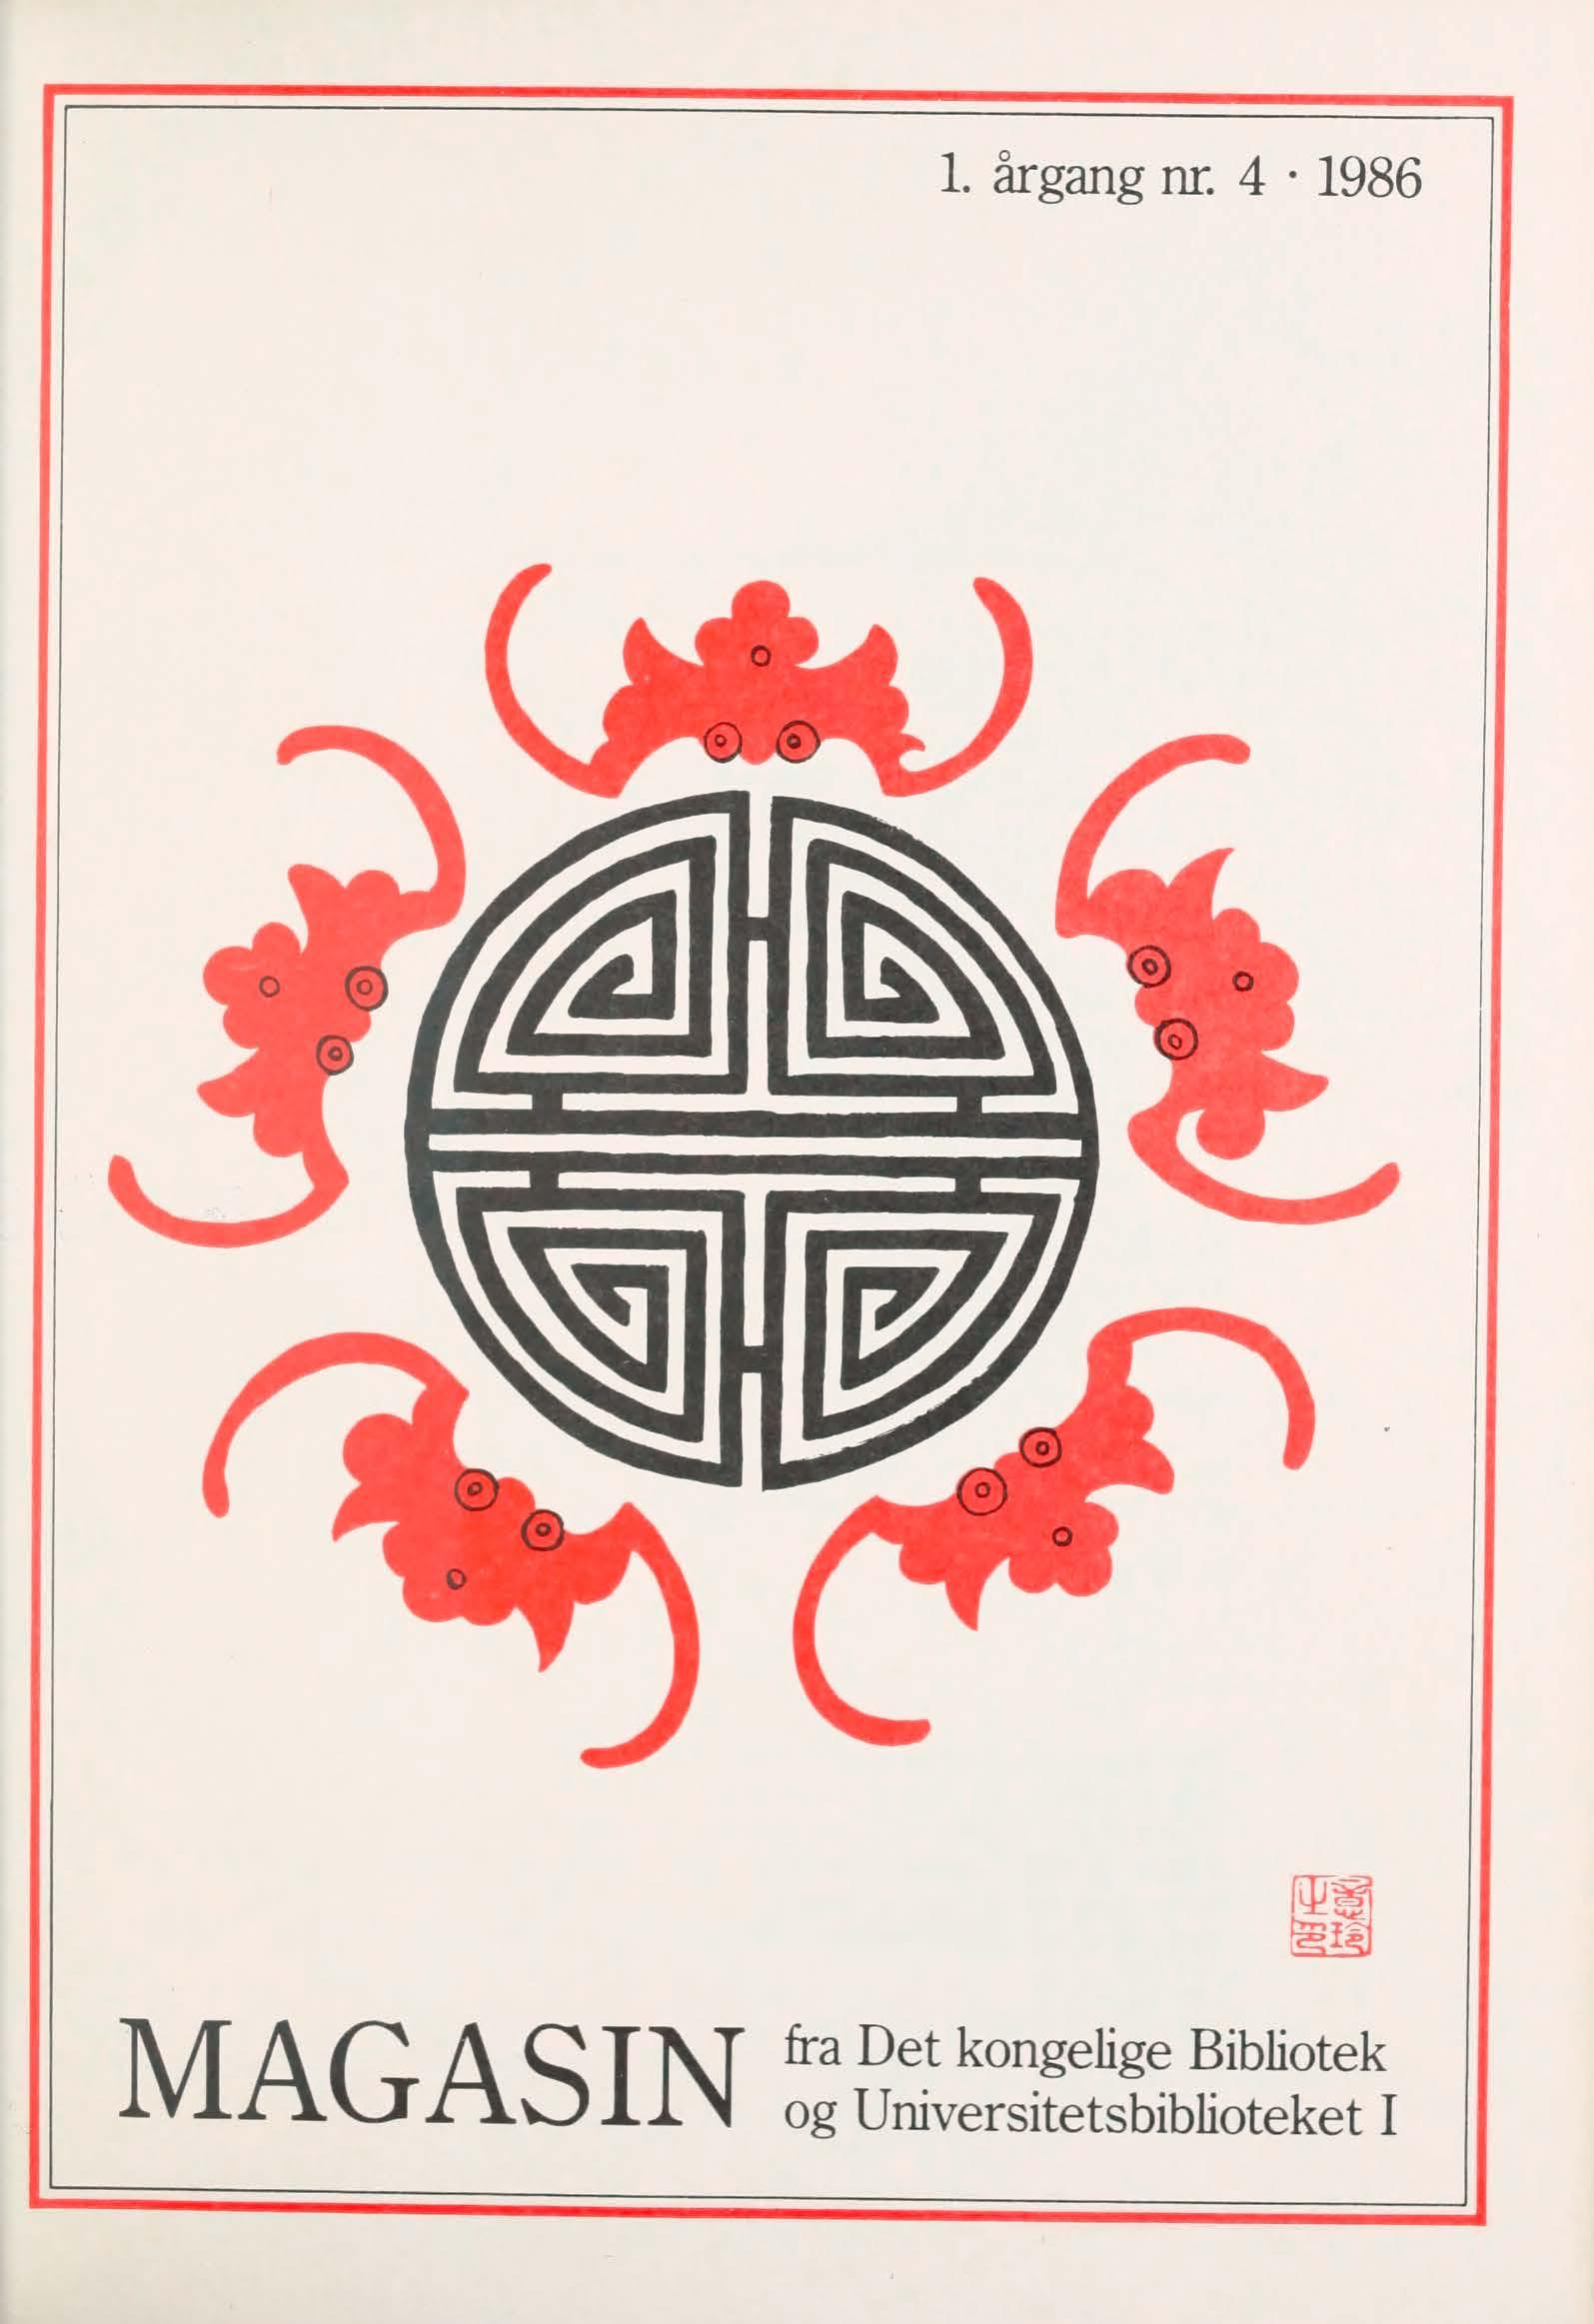 Se Årg. 1 Nr. 4 (1986)